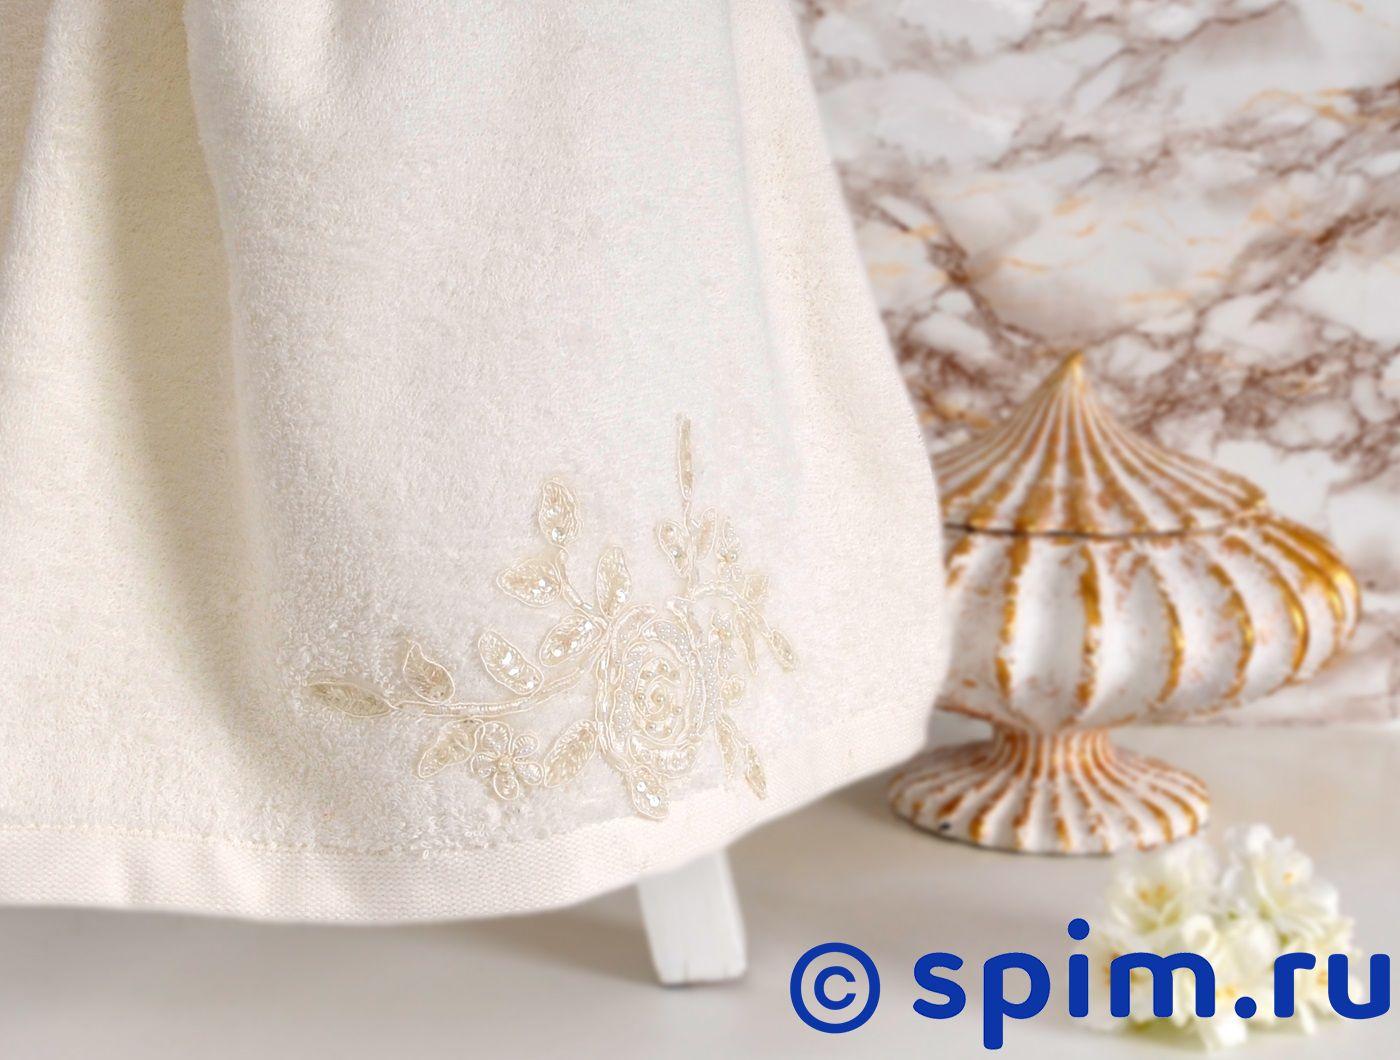 Полотенце Irya Potency 70х140 см с гипюром, молочное